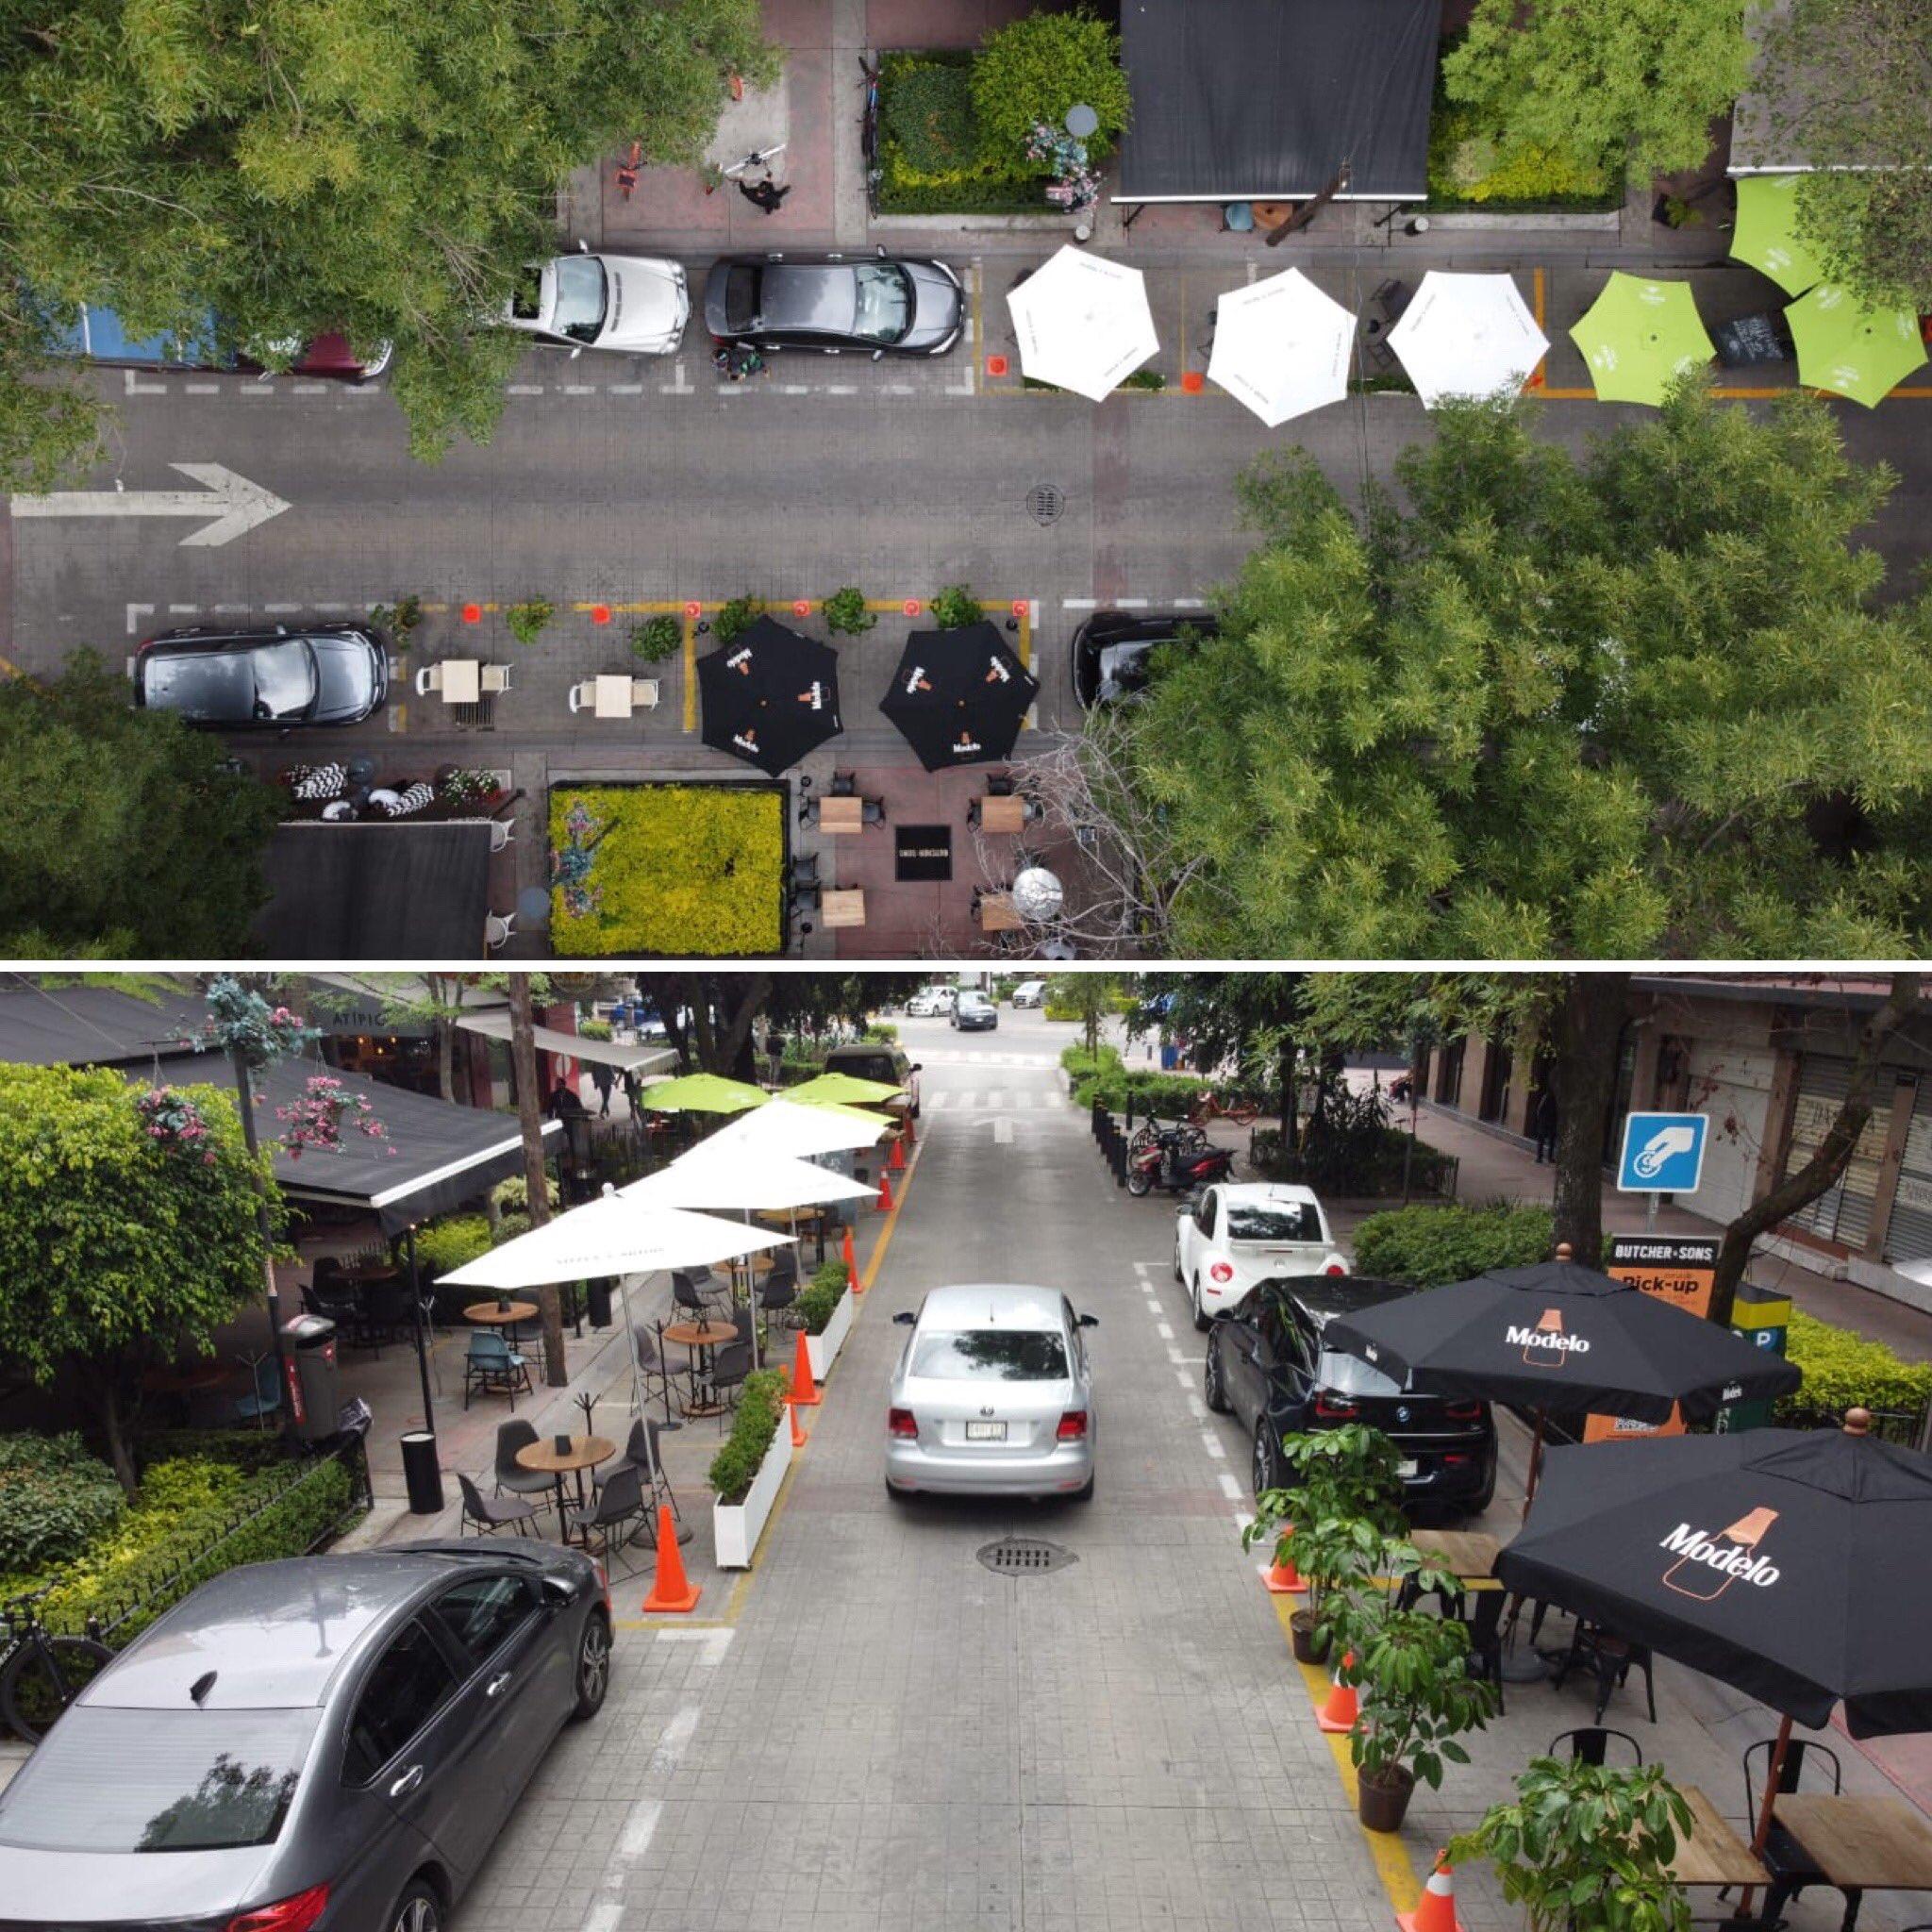 Imagen que muestra terrazas móviles en la Ciudad de México. Los cajones de estacionamiento son usados como terrazas móviles con la colocación de mobiliario como mesas y sillas.